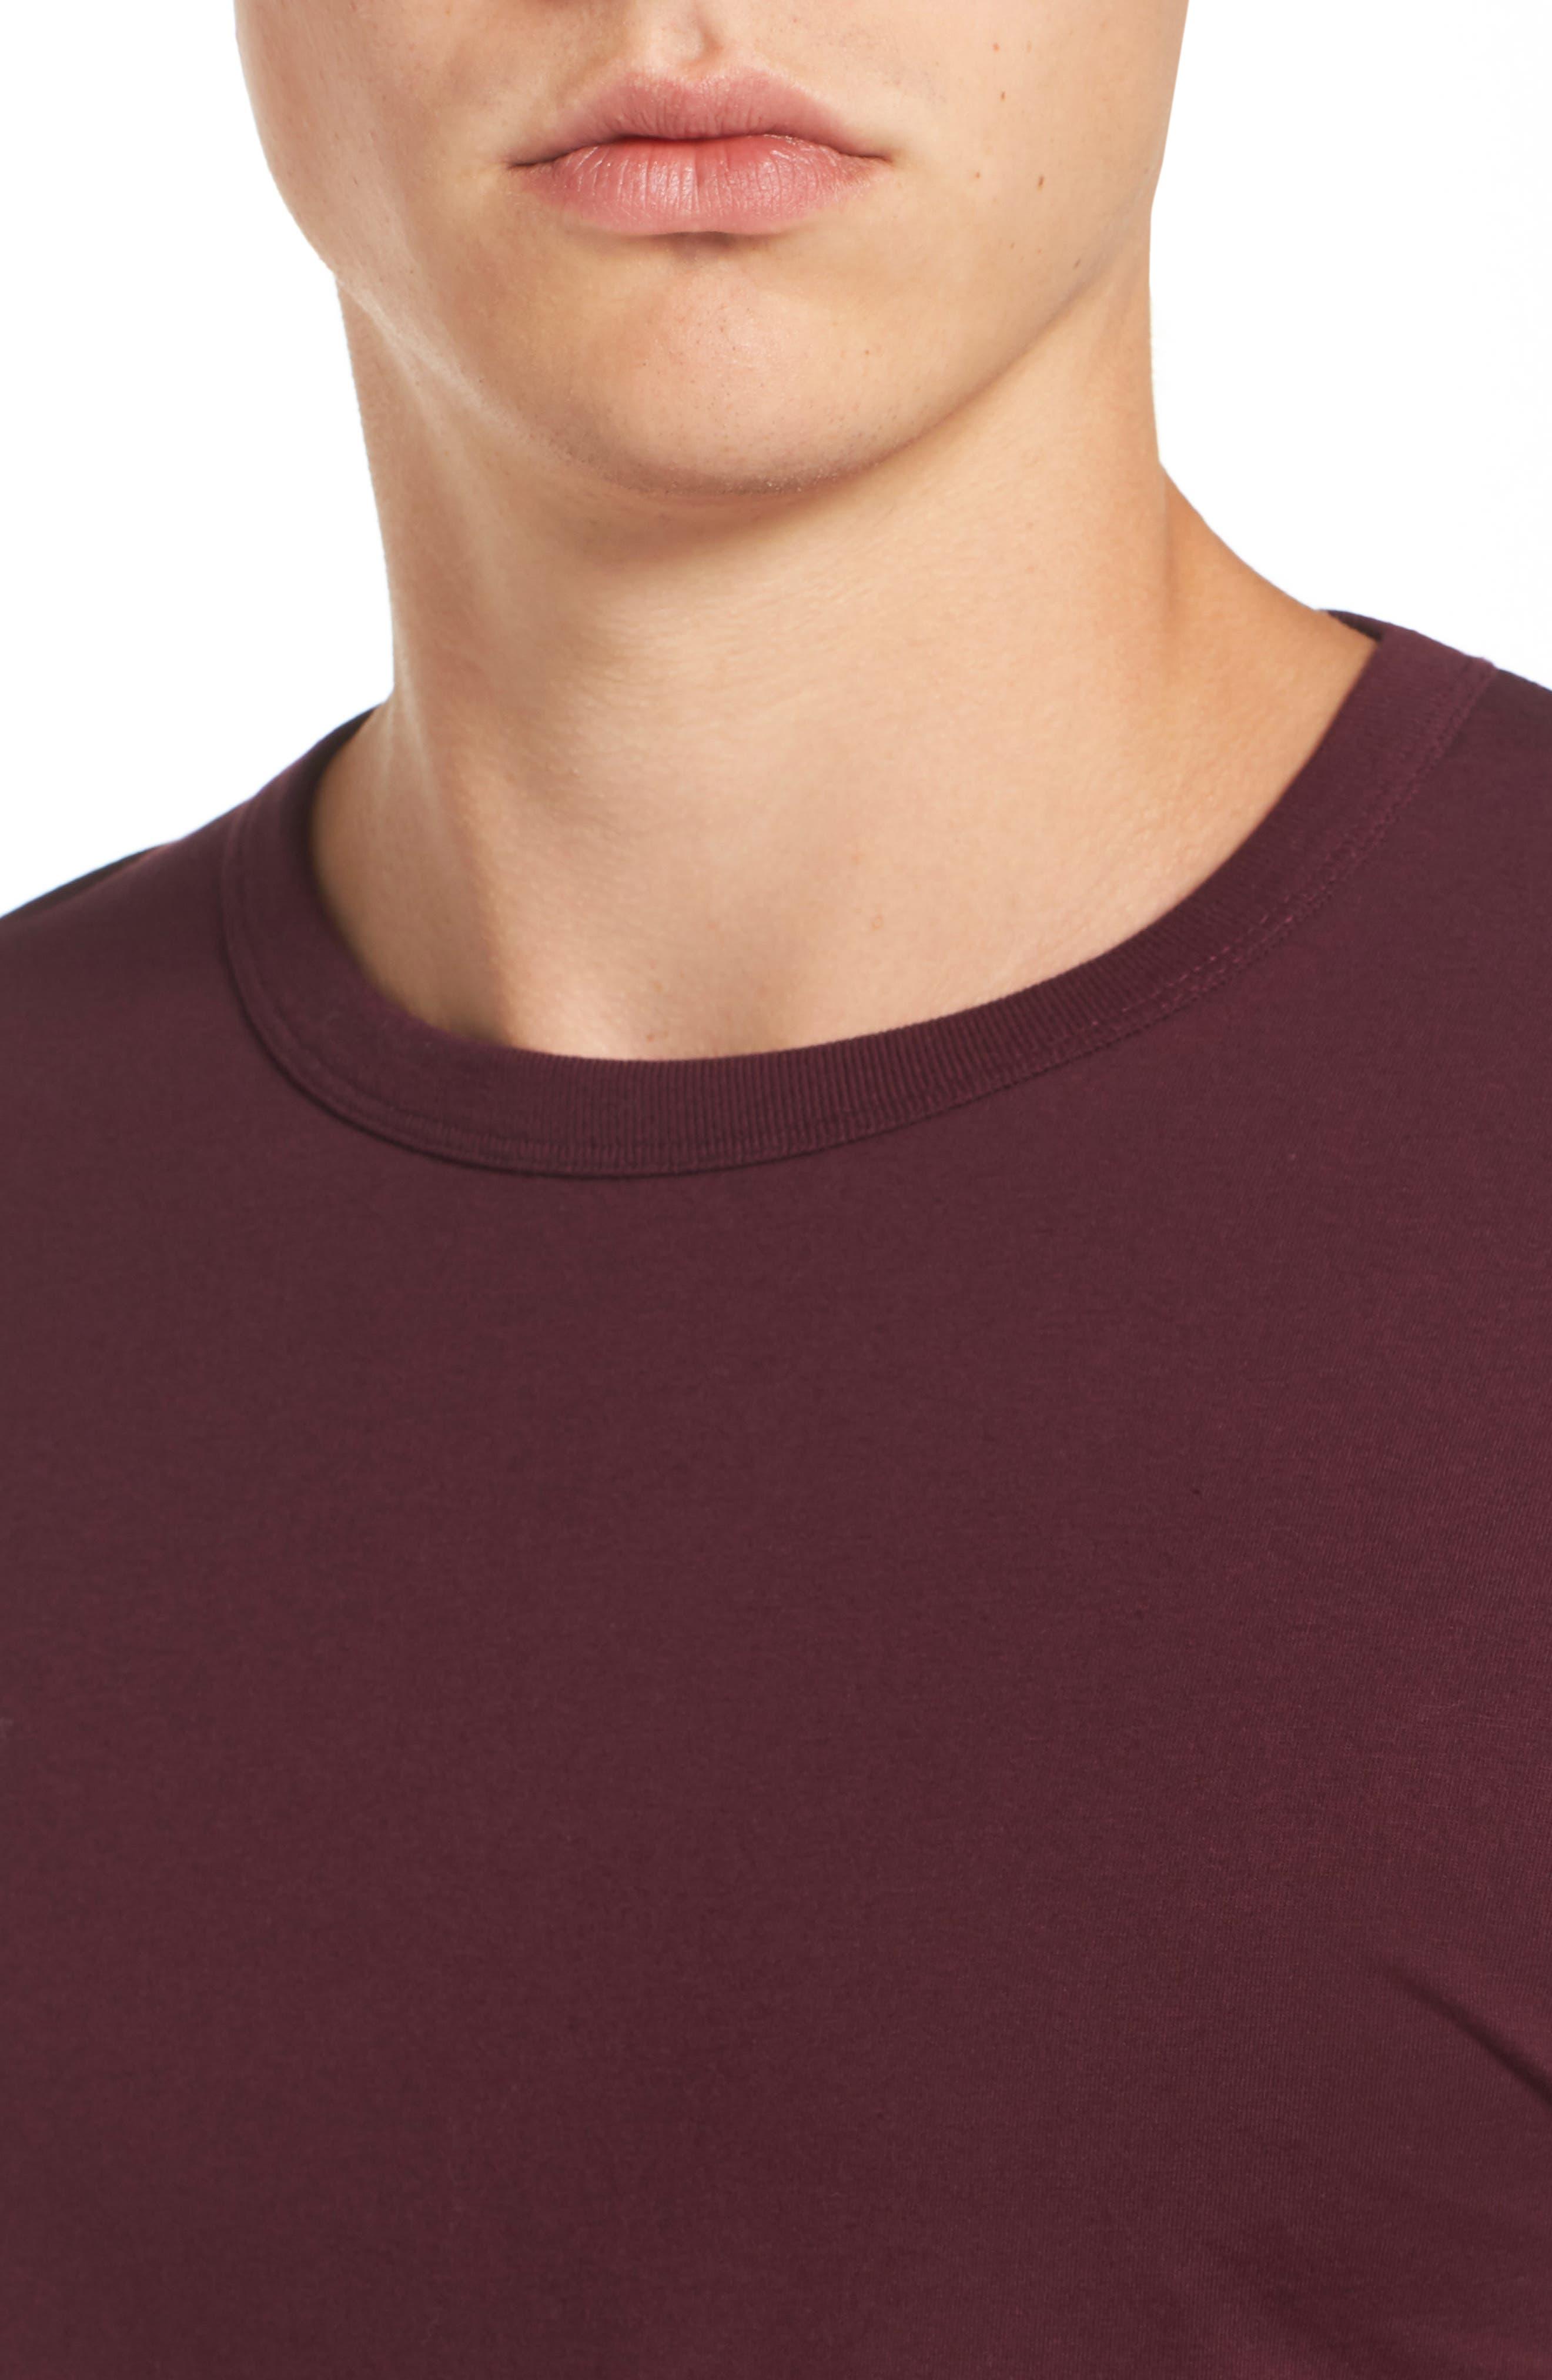 Slim Fit Crewneck T-Shirt,                             Alternate thumbnail 4, color,                             Bordeaux